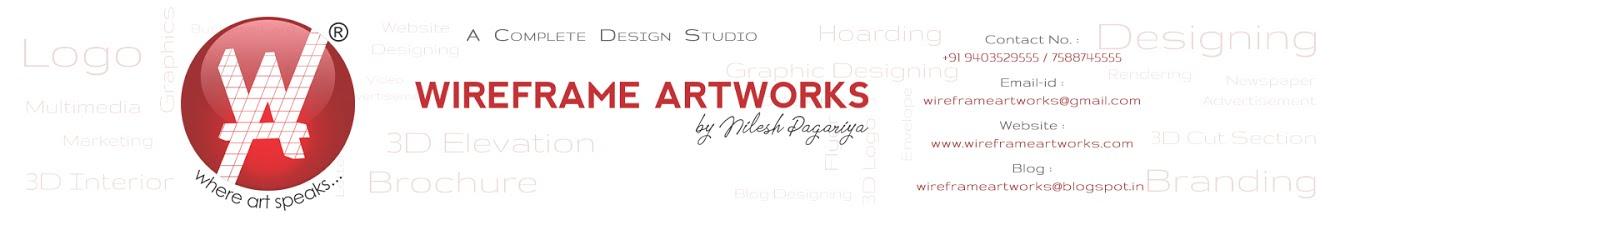 WIREFRAME ARTWORKS